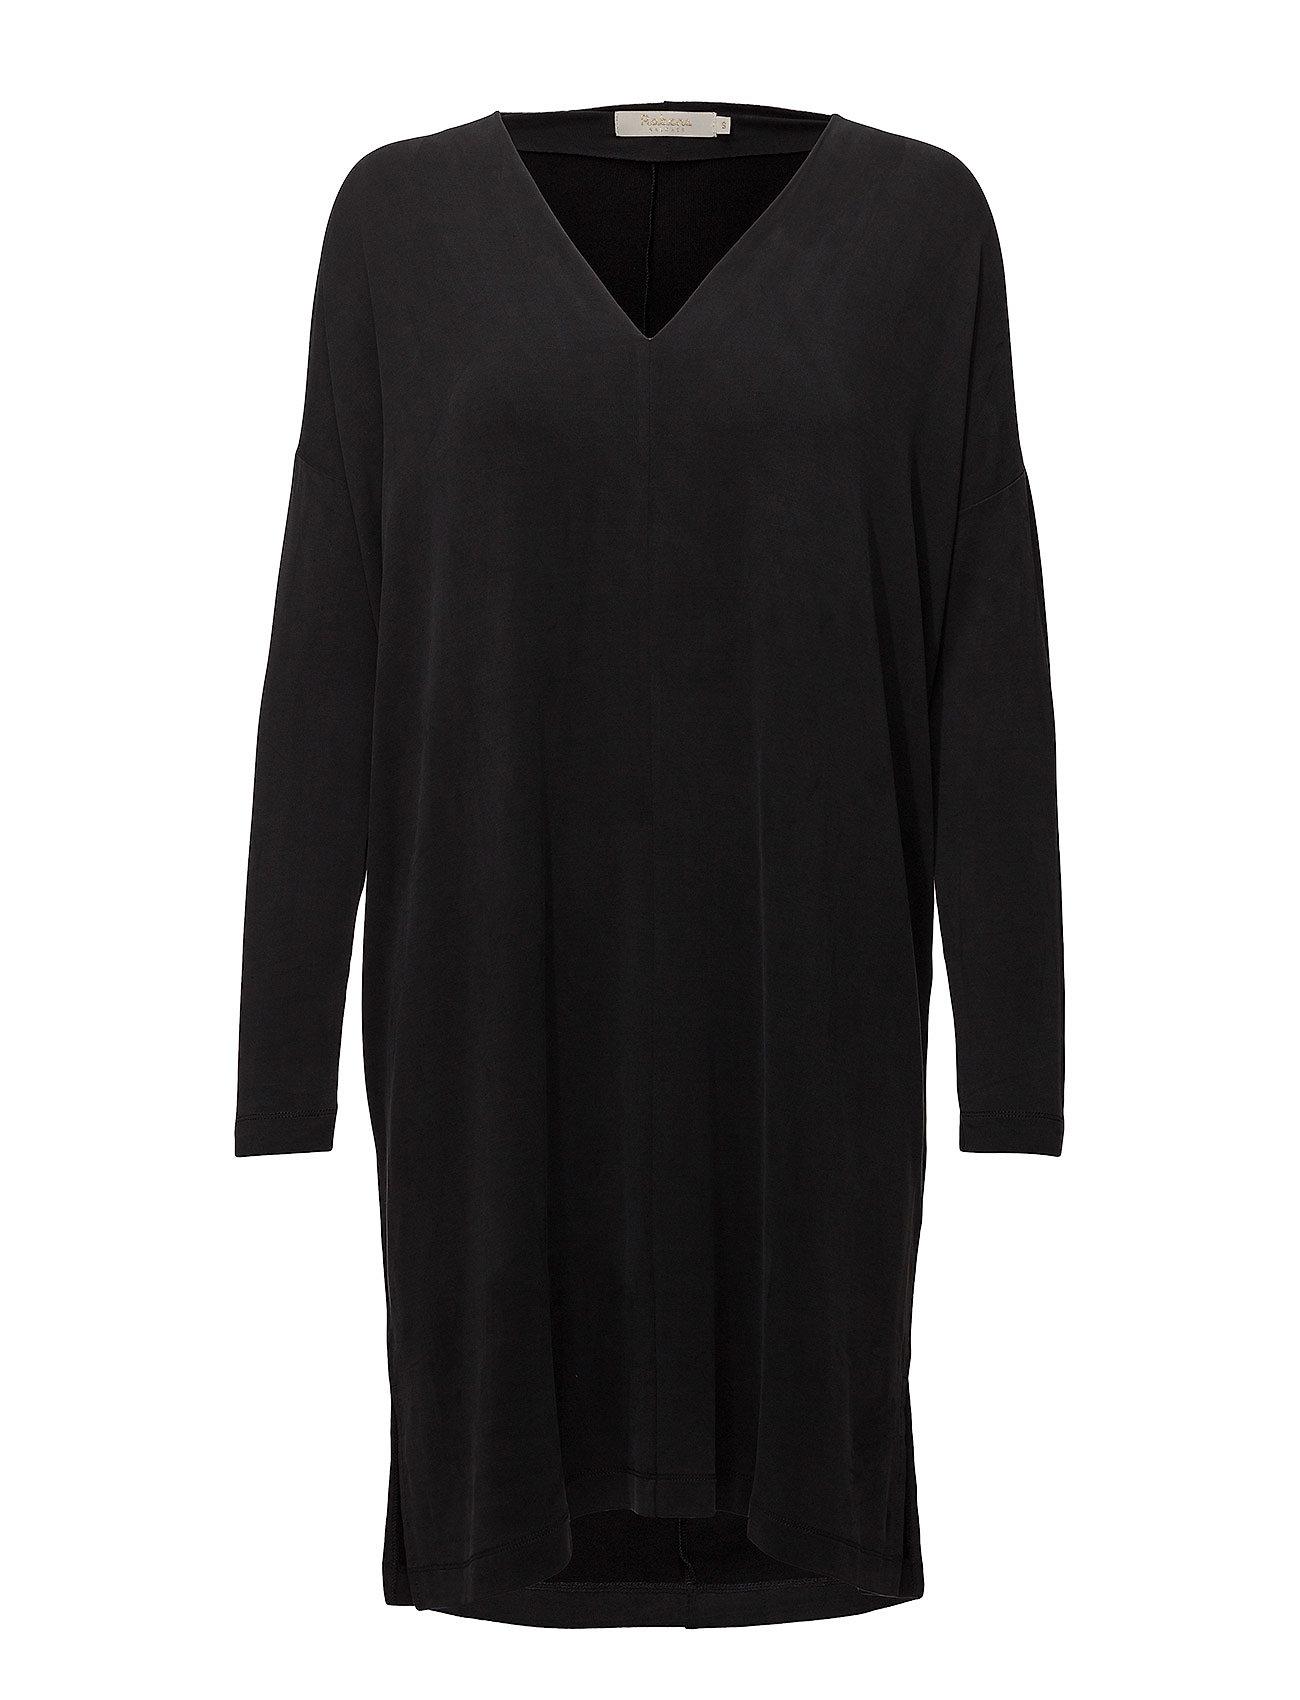 Rabens Saloner Curved scarf dress - BLACK